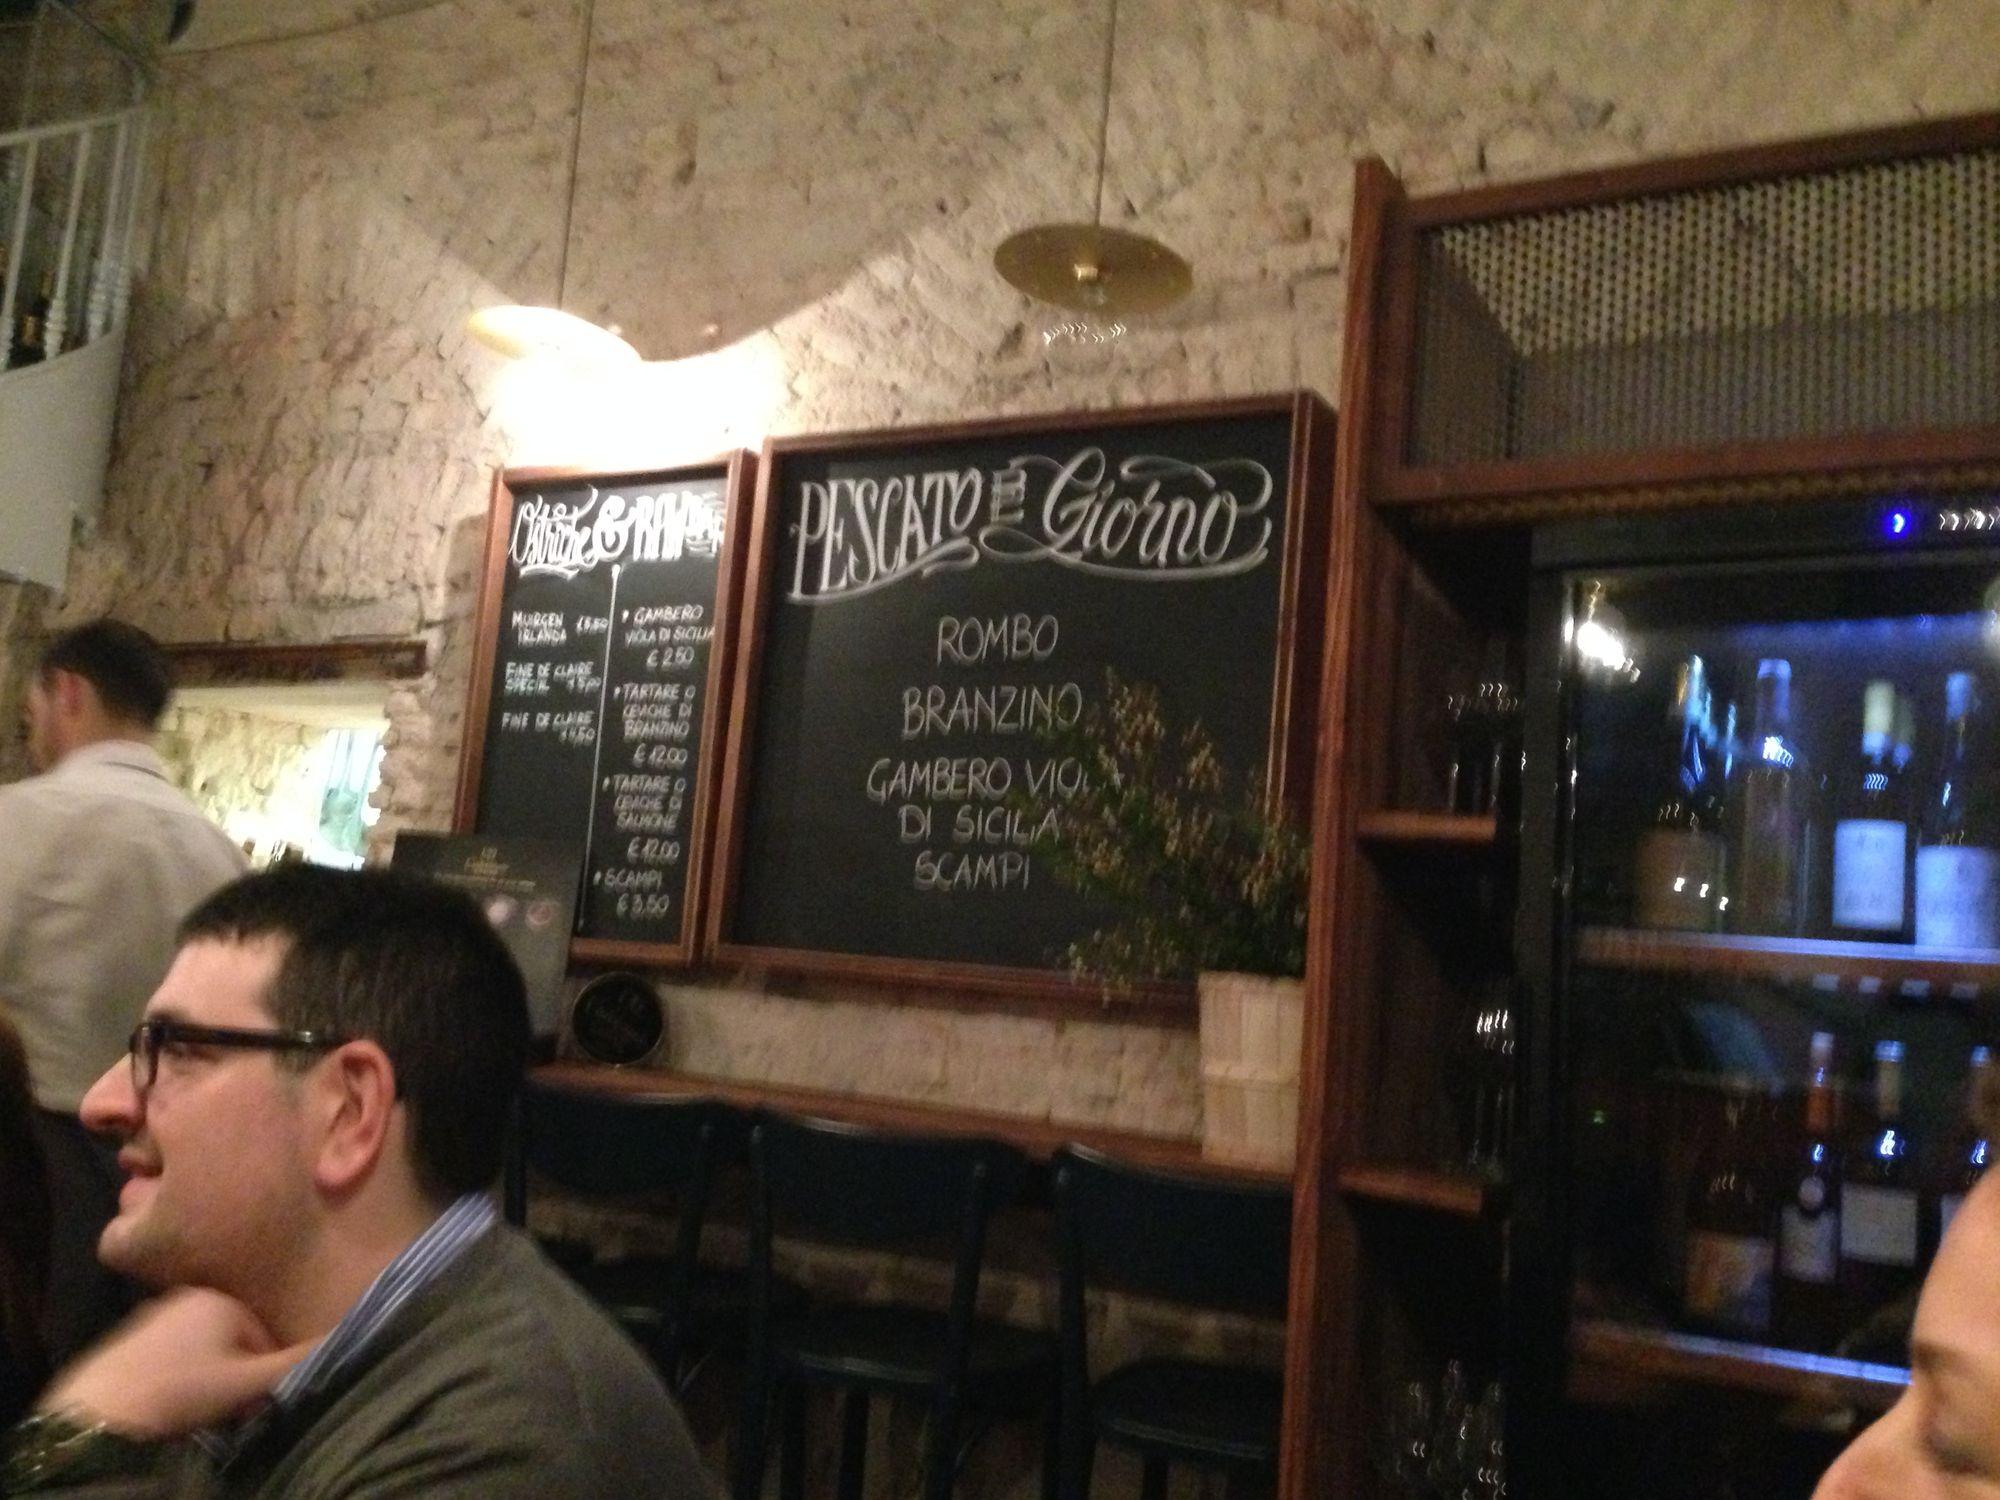 Lampade Giapponesi On Line : Lampade Giapponesi Milano: Articoli ...